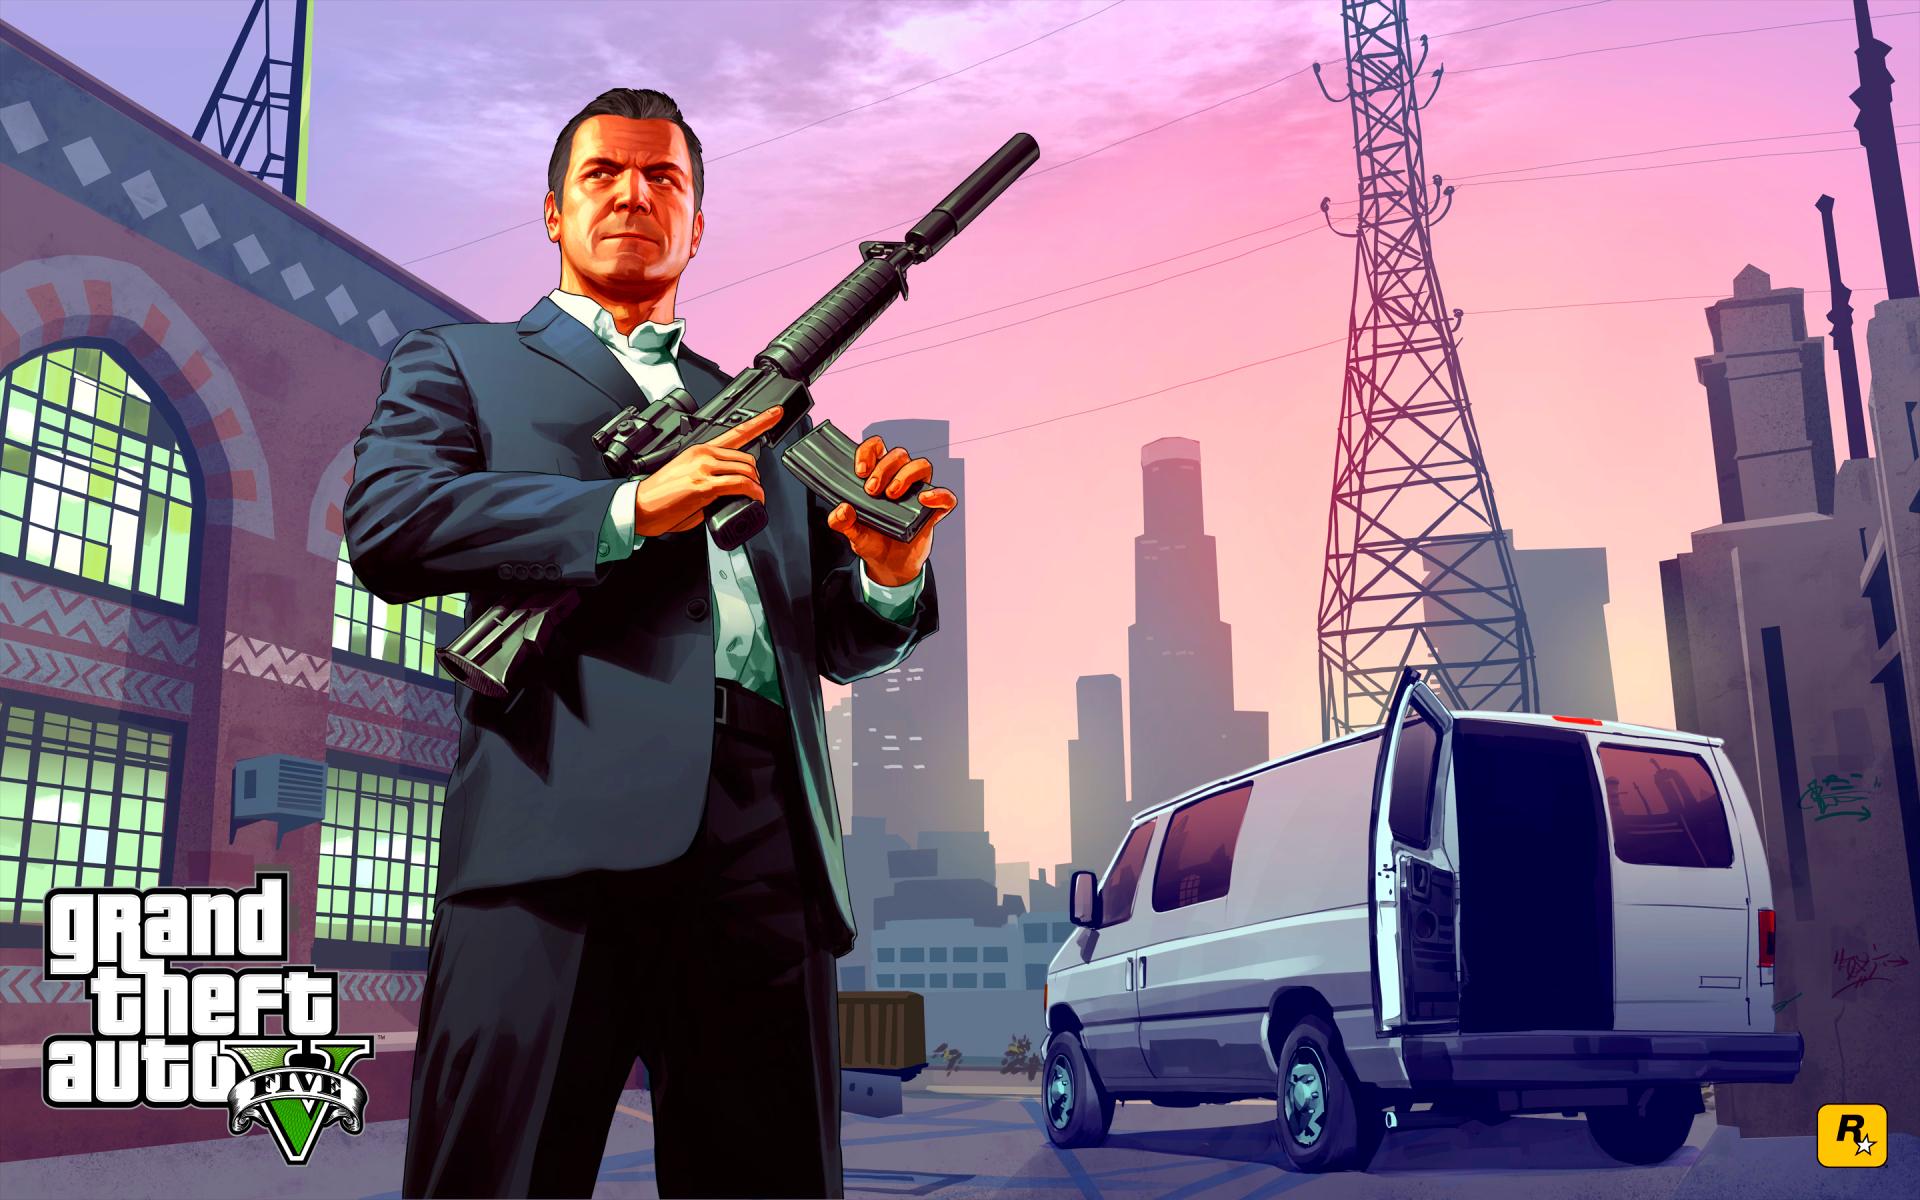 Michael Grand Theft Auto V Fond D Ecran 42770445 Fanpop